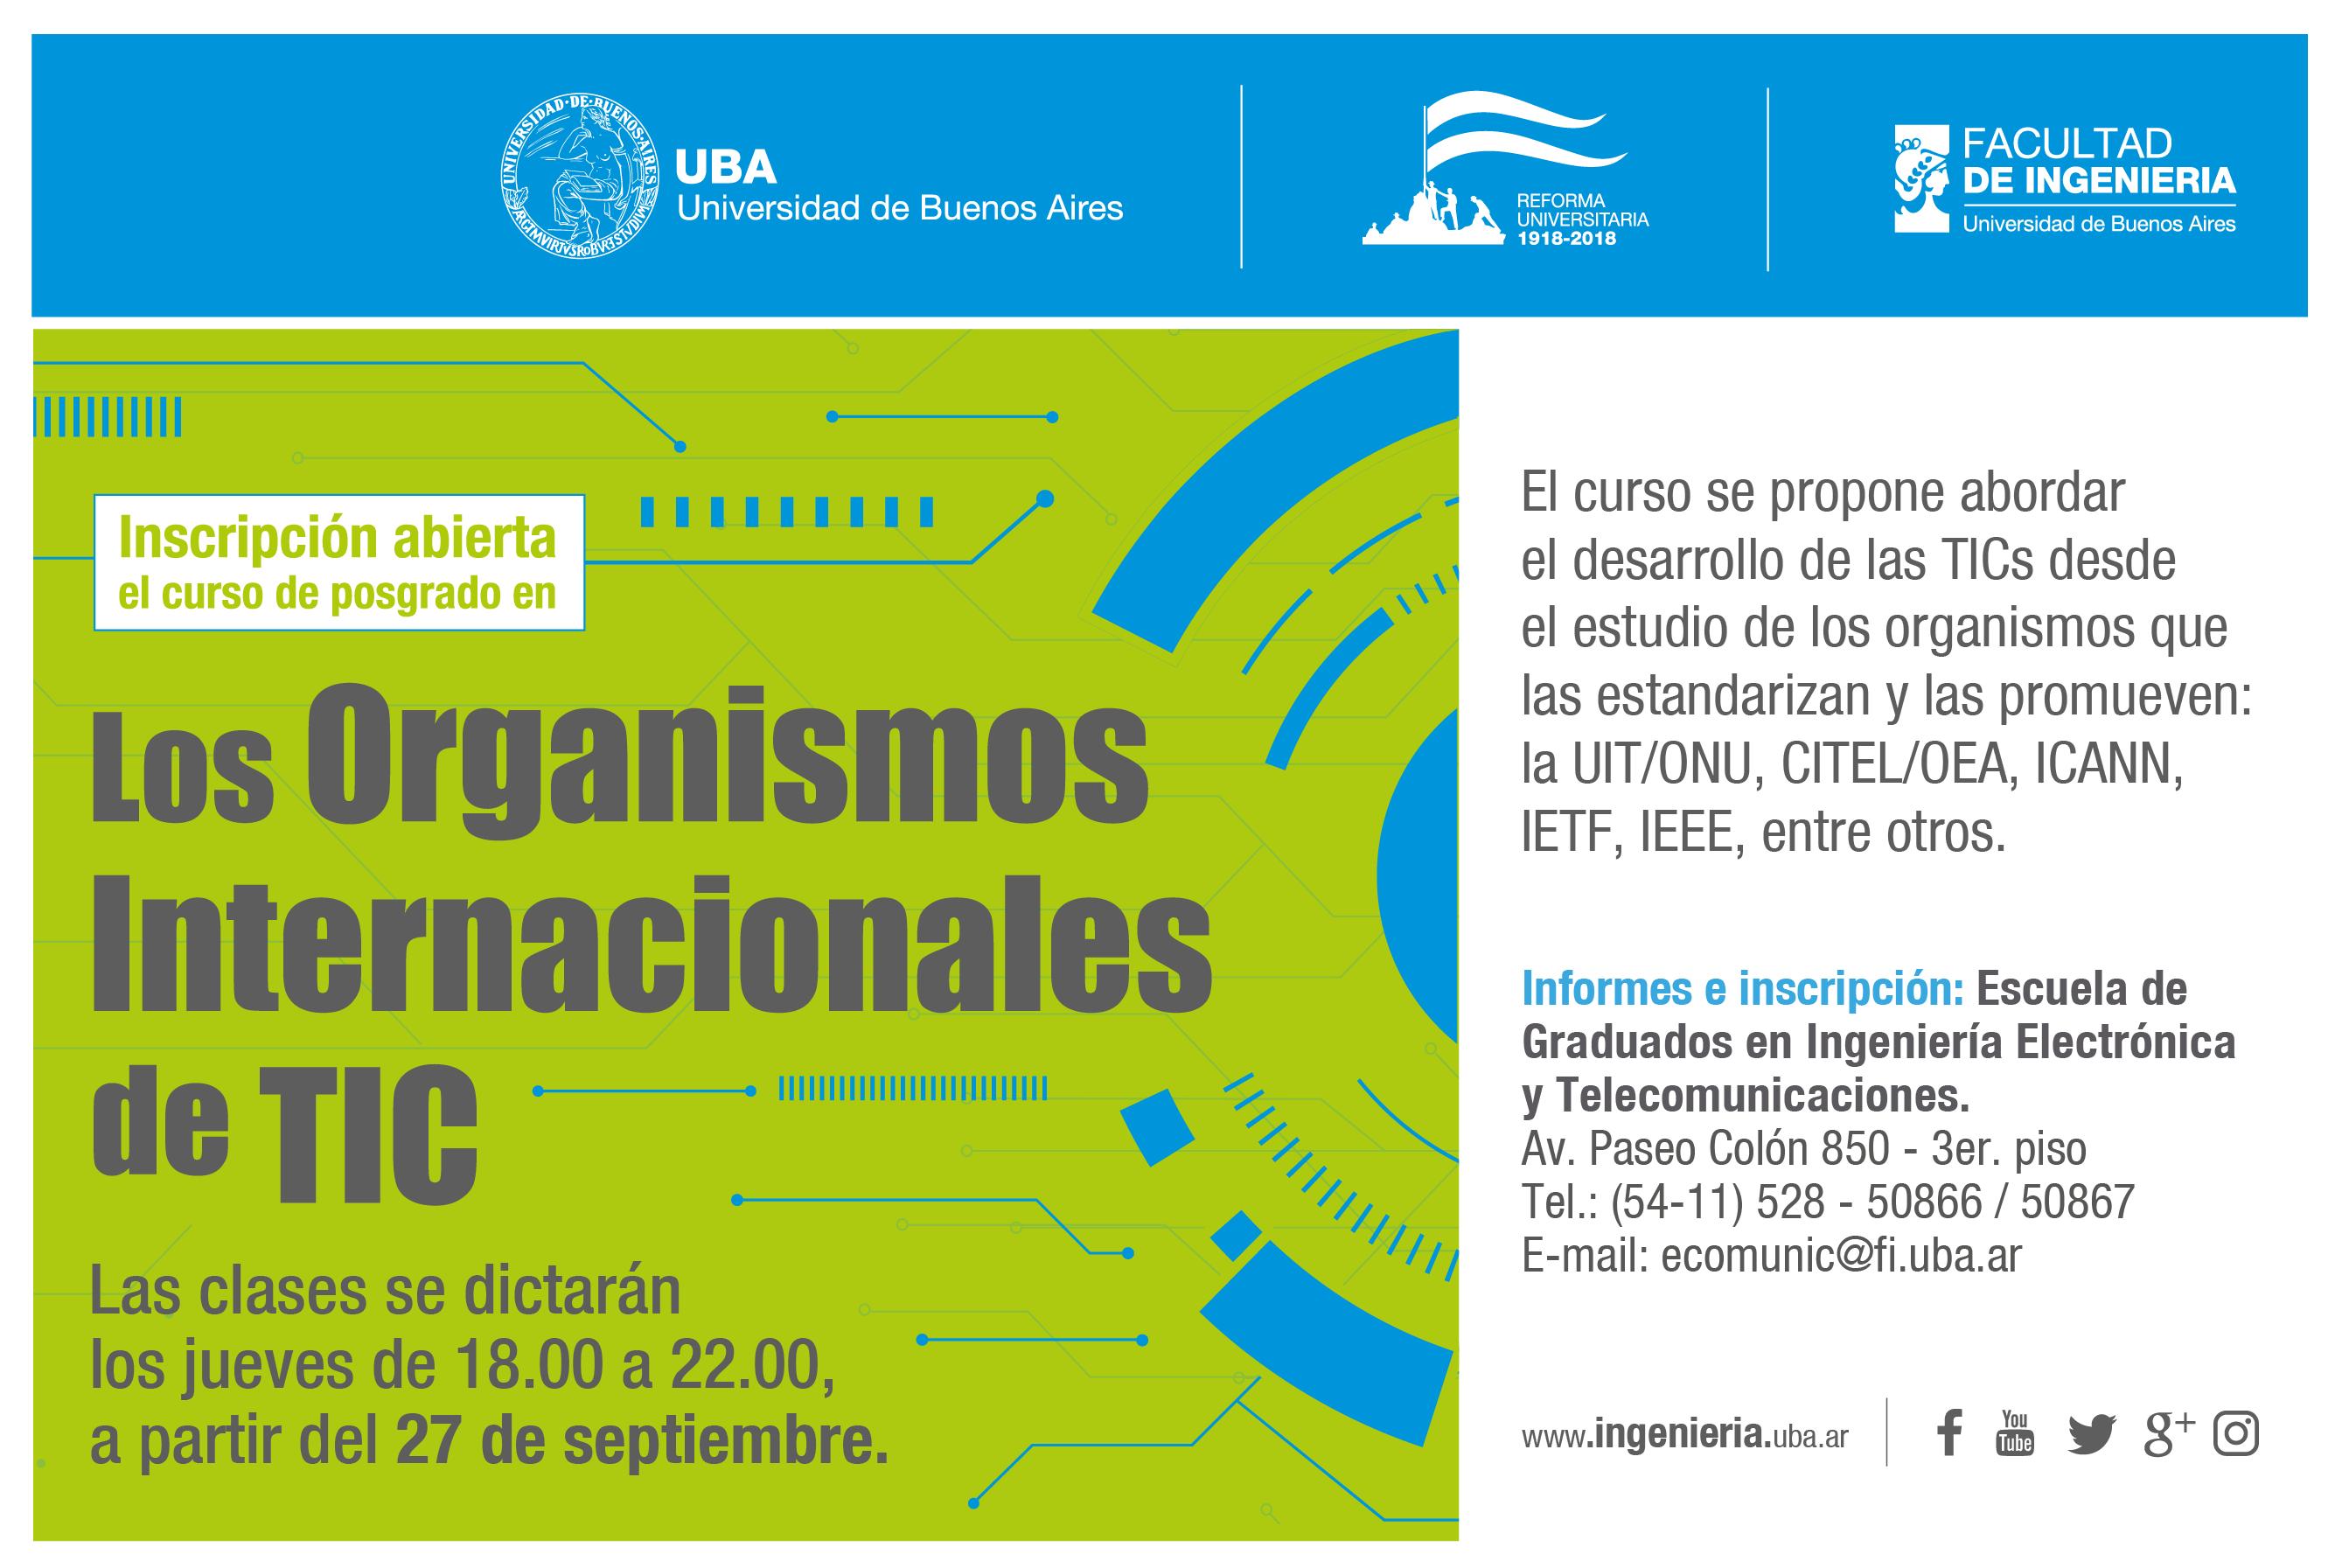 Los Organismos Internacionales de TIC en la UBA